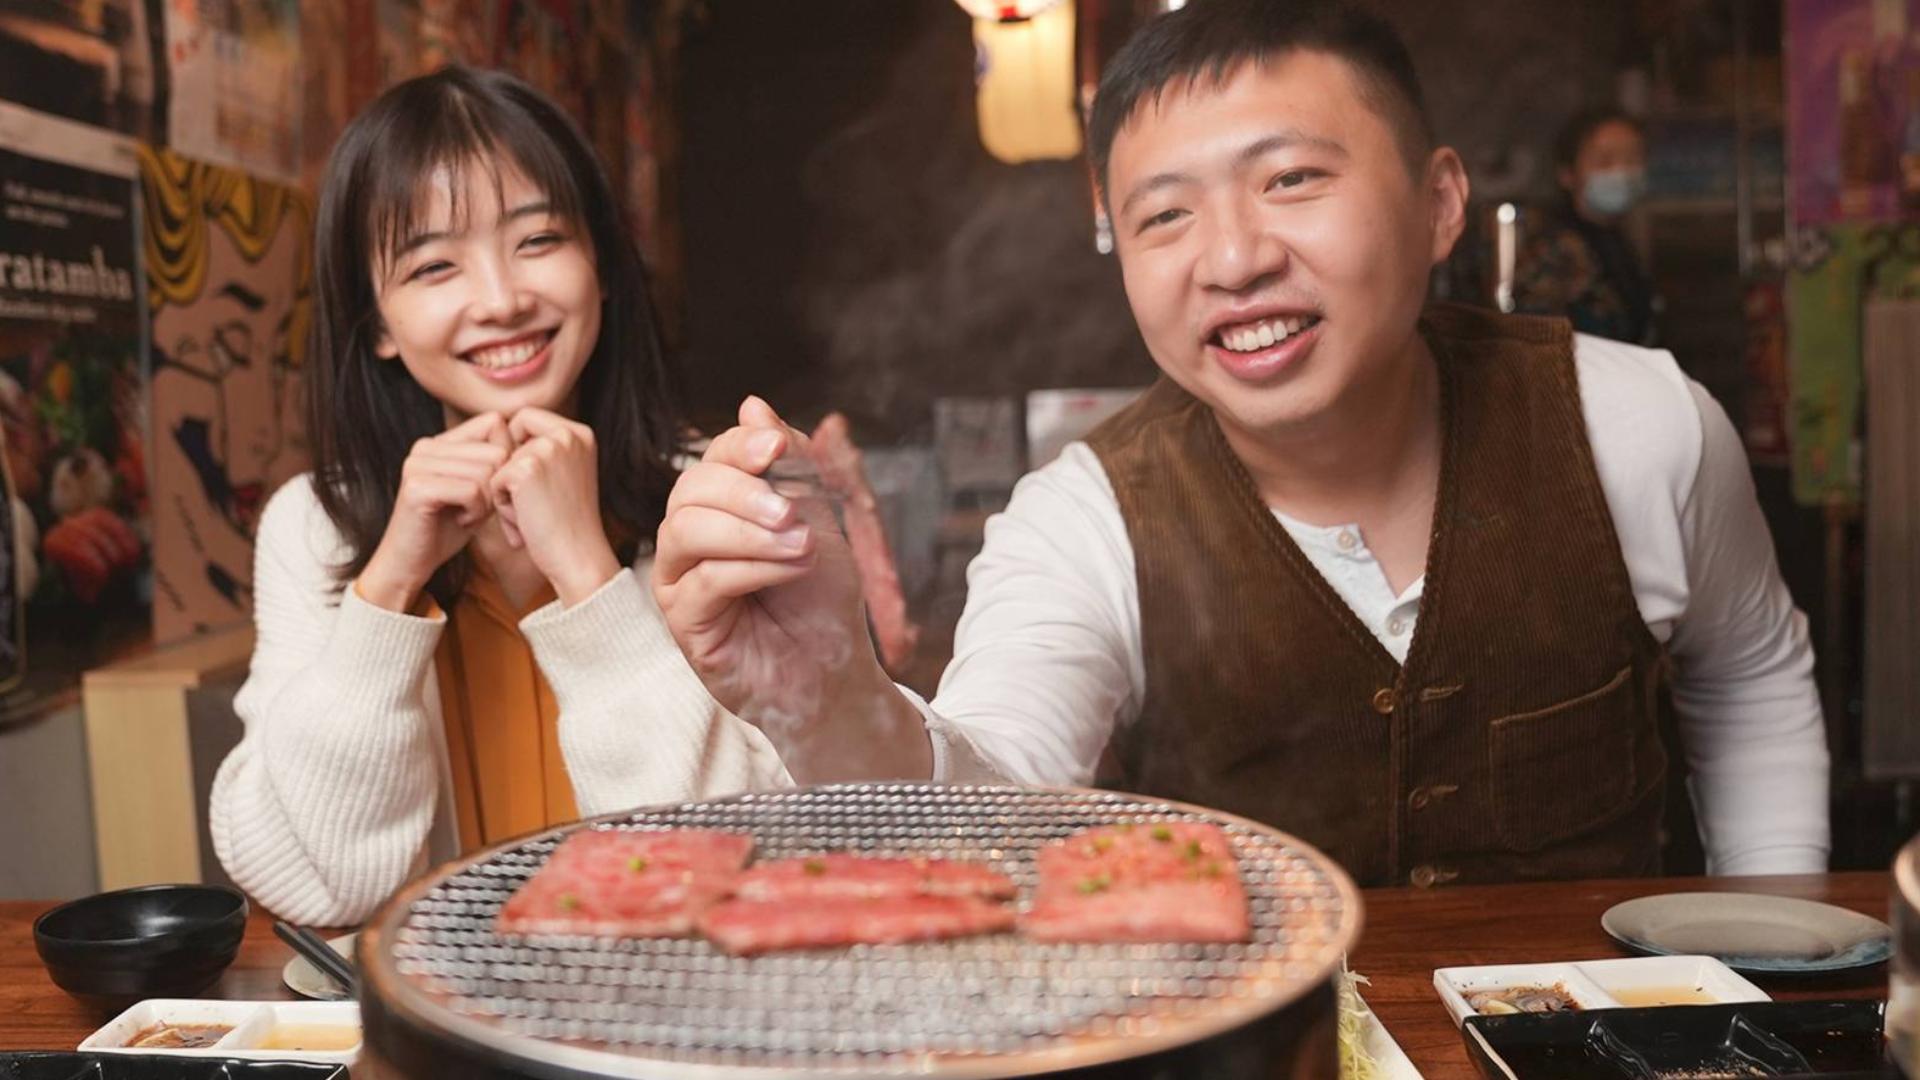 冬天吃日式烤和牛,我的心是暖暖的,你呢?